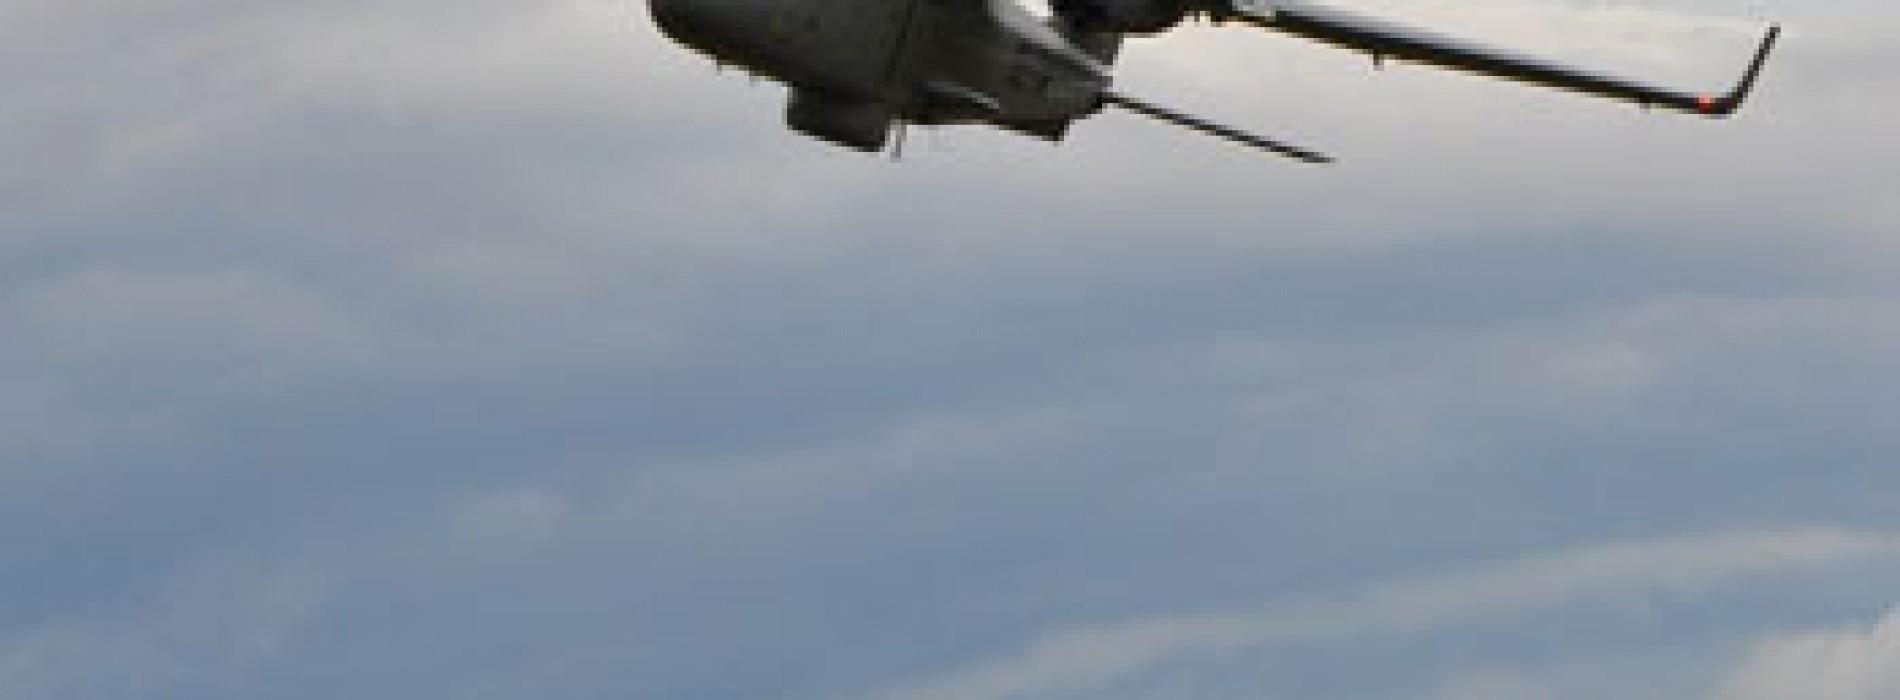 Presentan versión no tripulada de avión de vigilancia marítima